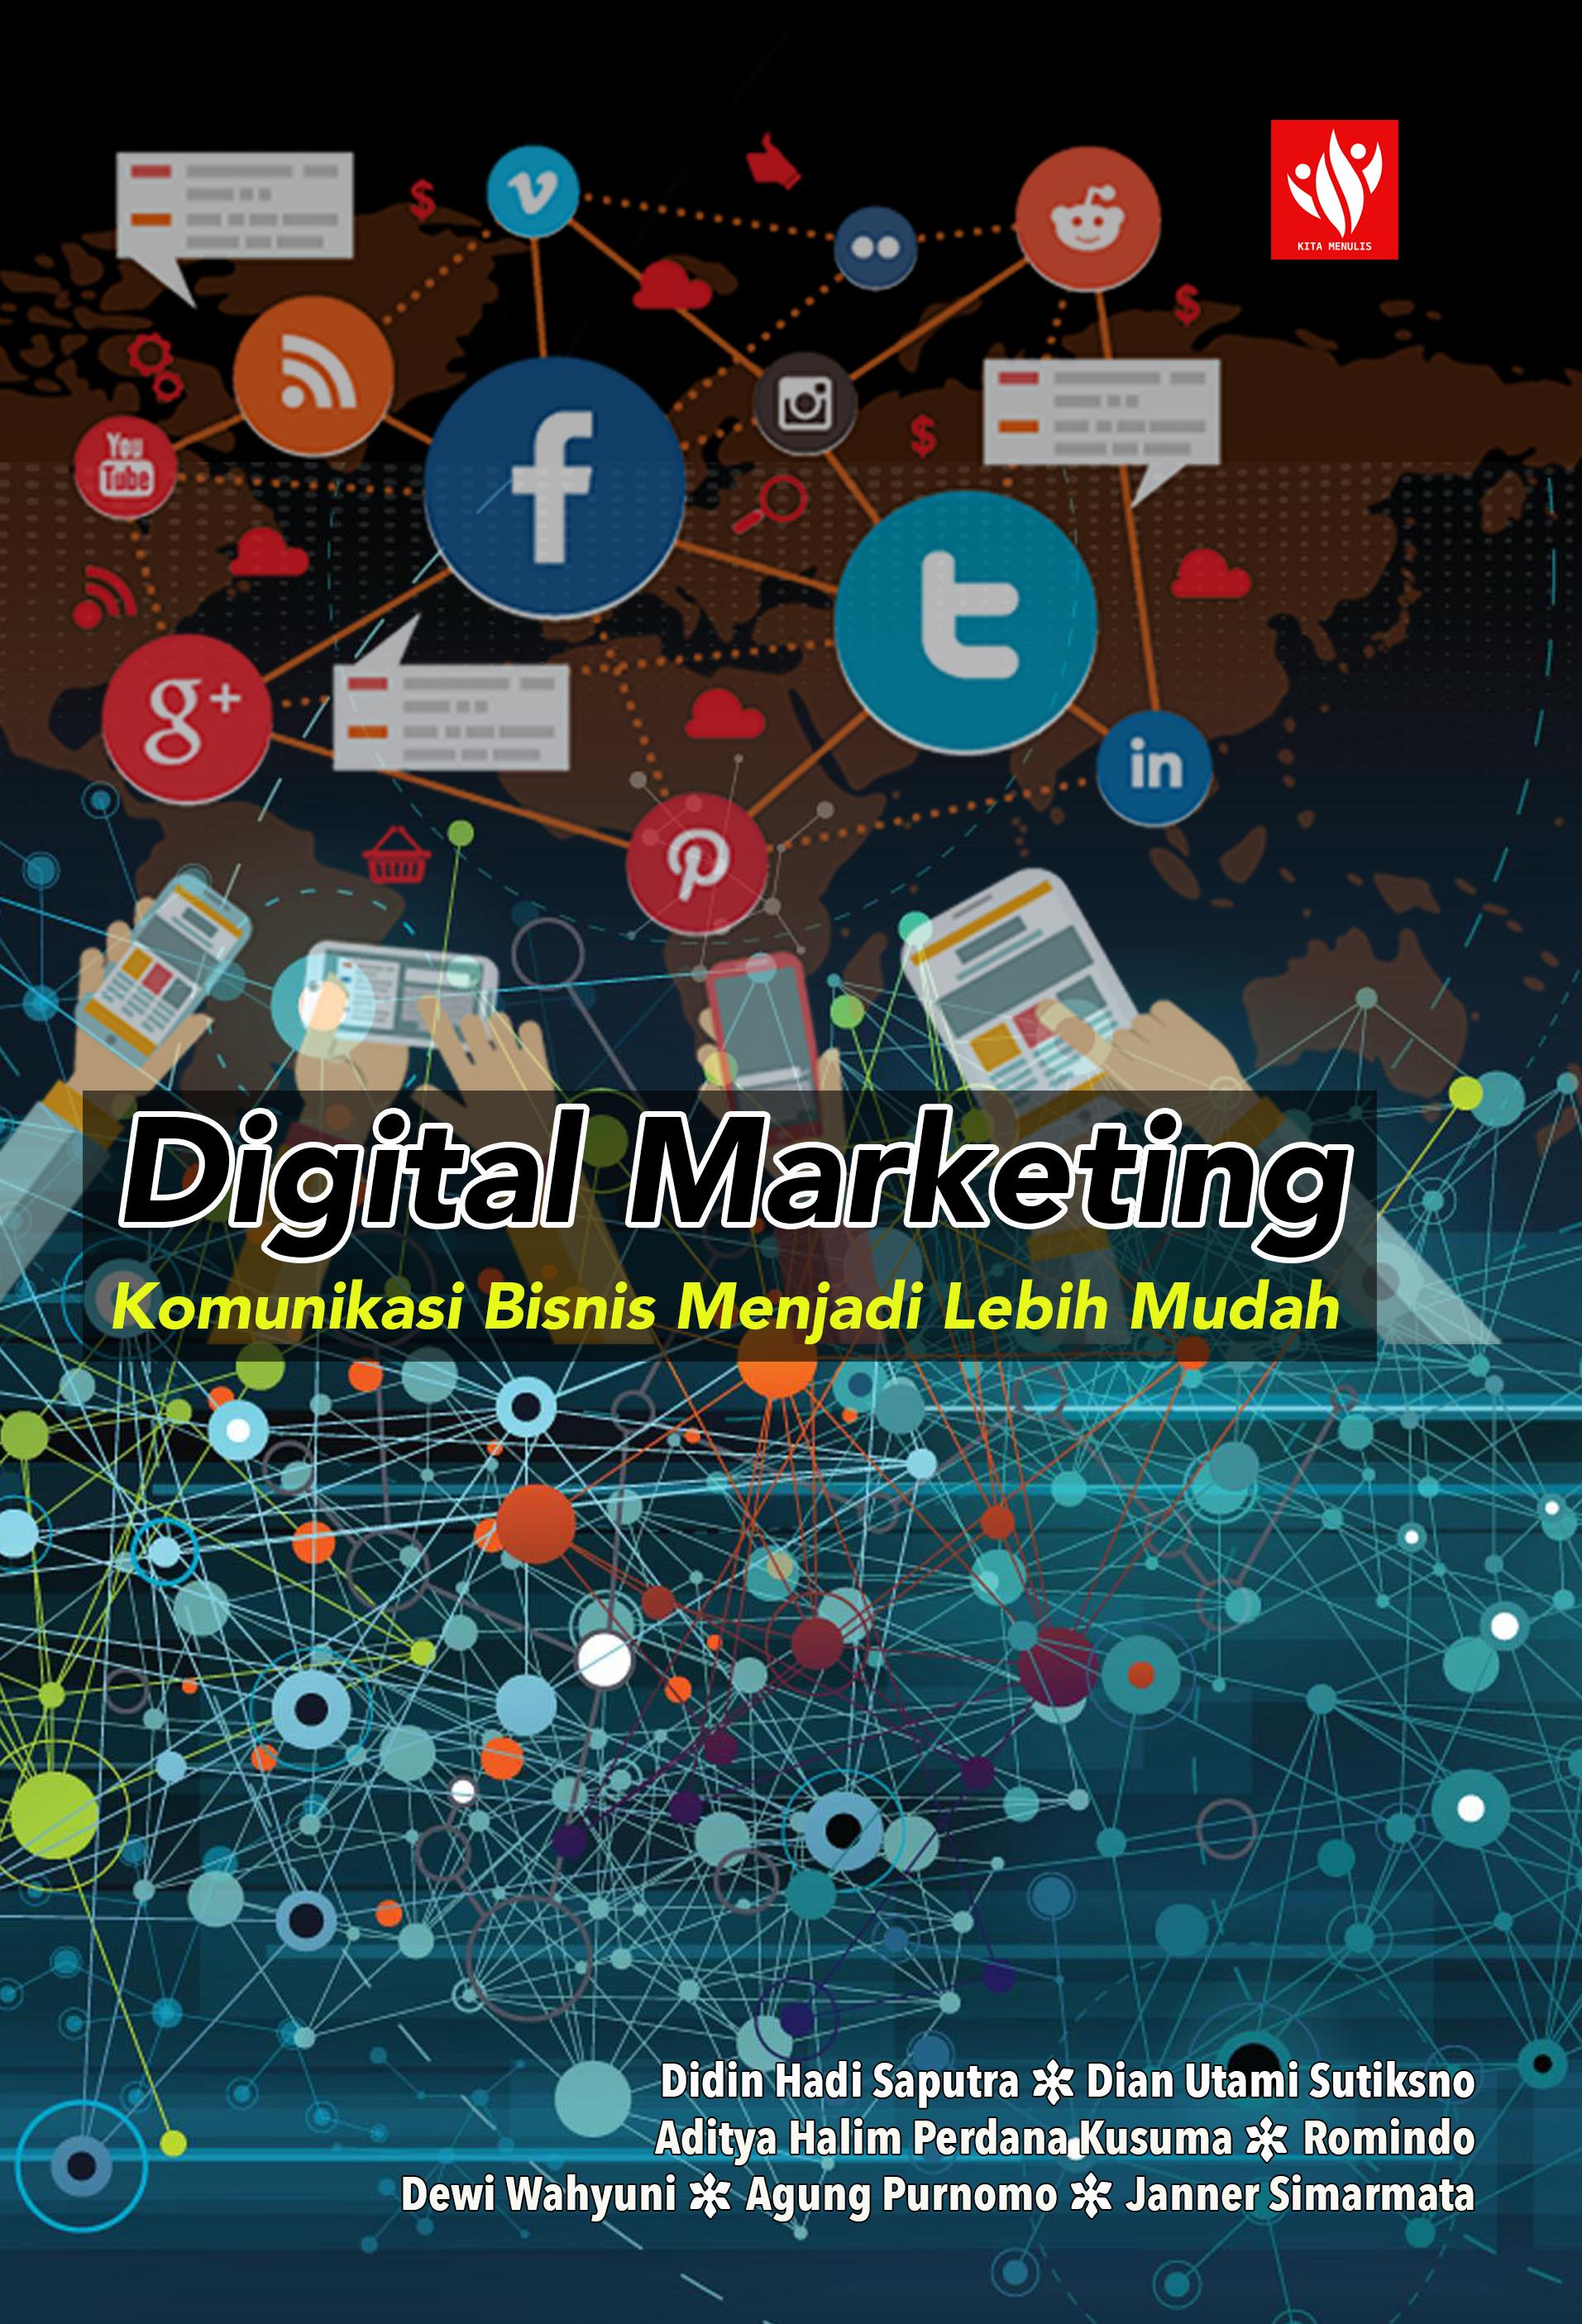 Digital Marketing Komunikasi Bisnis Menjadi Lebih Mudah Kita Menulis